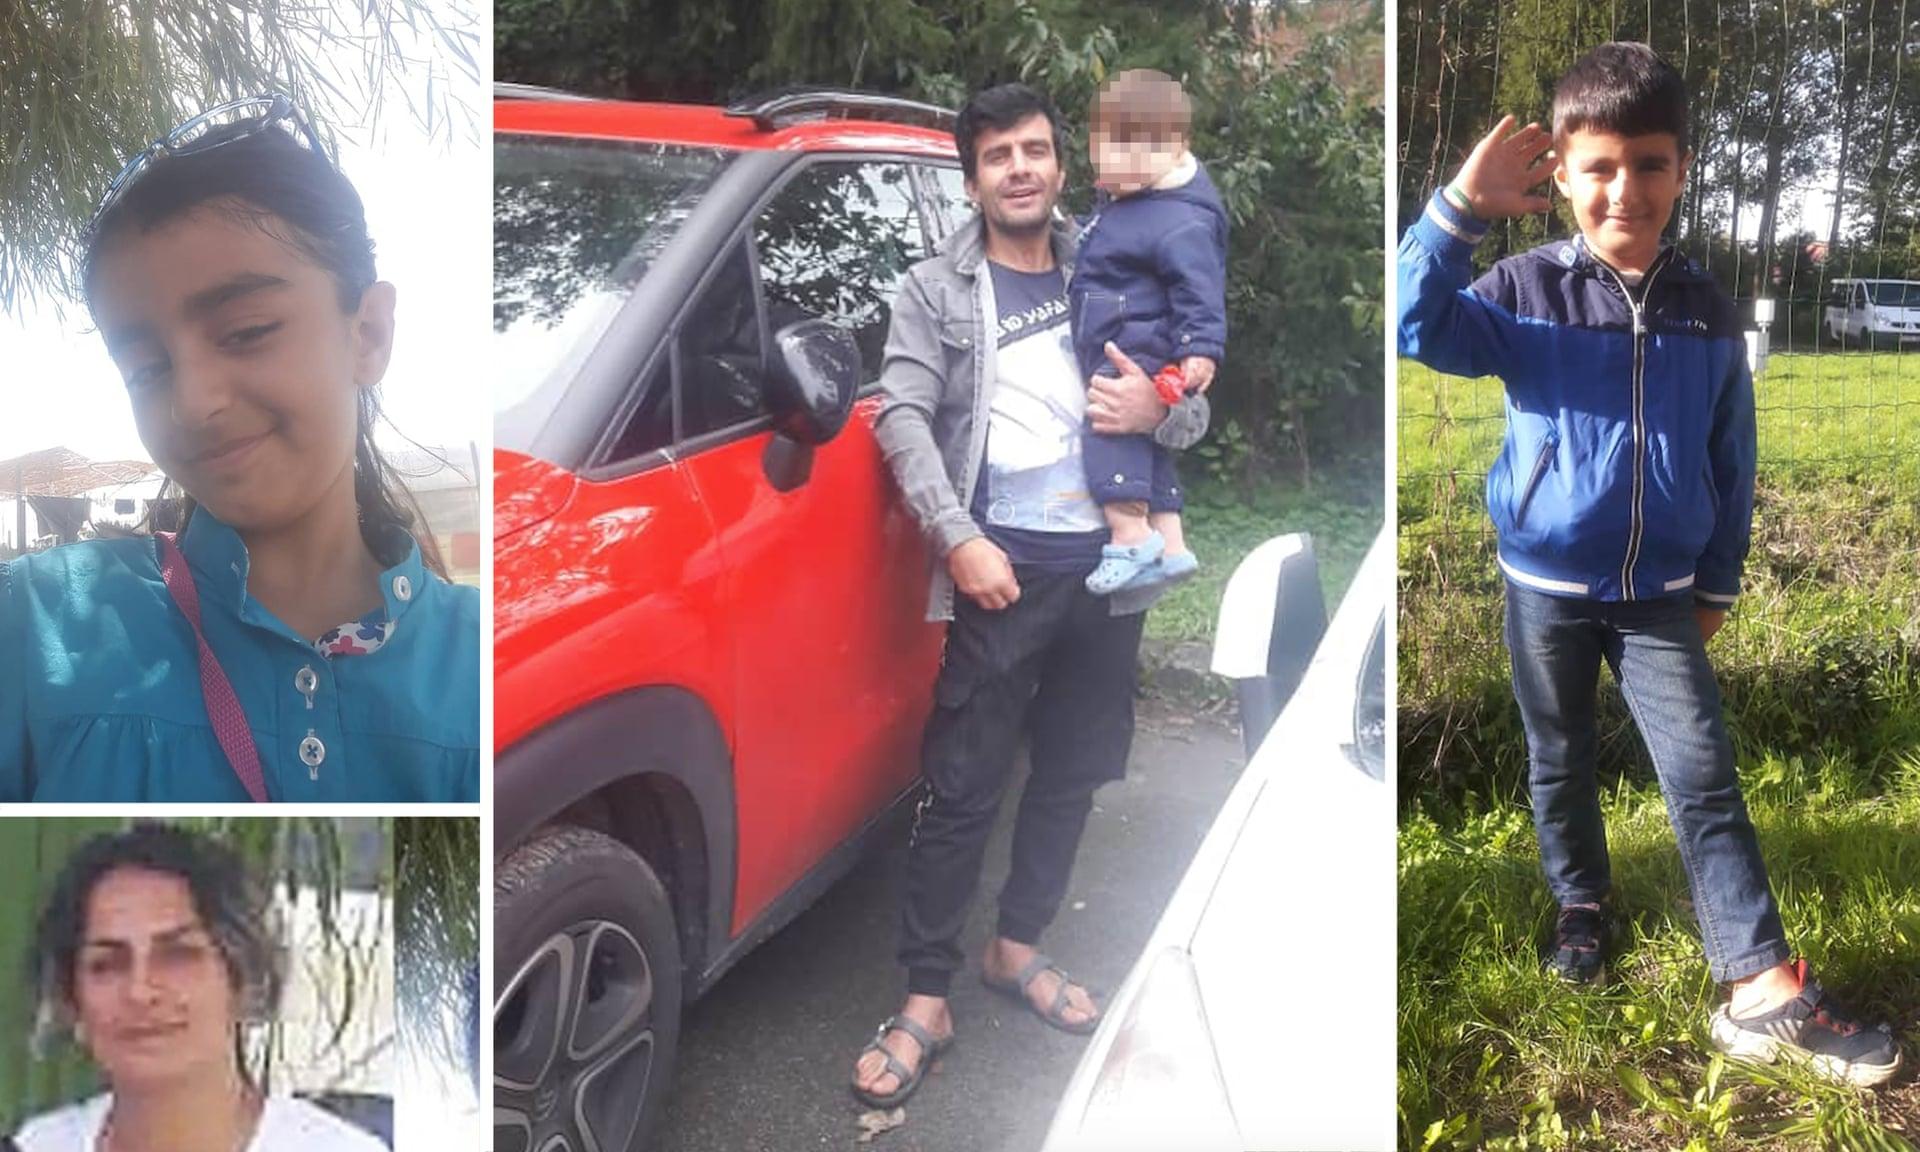 غرق أسرة إيرانية بالكامل أثناء هجرتهم إلى بريطانيا